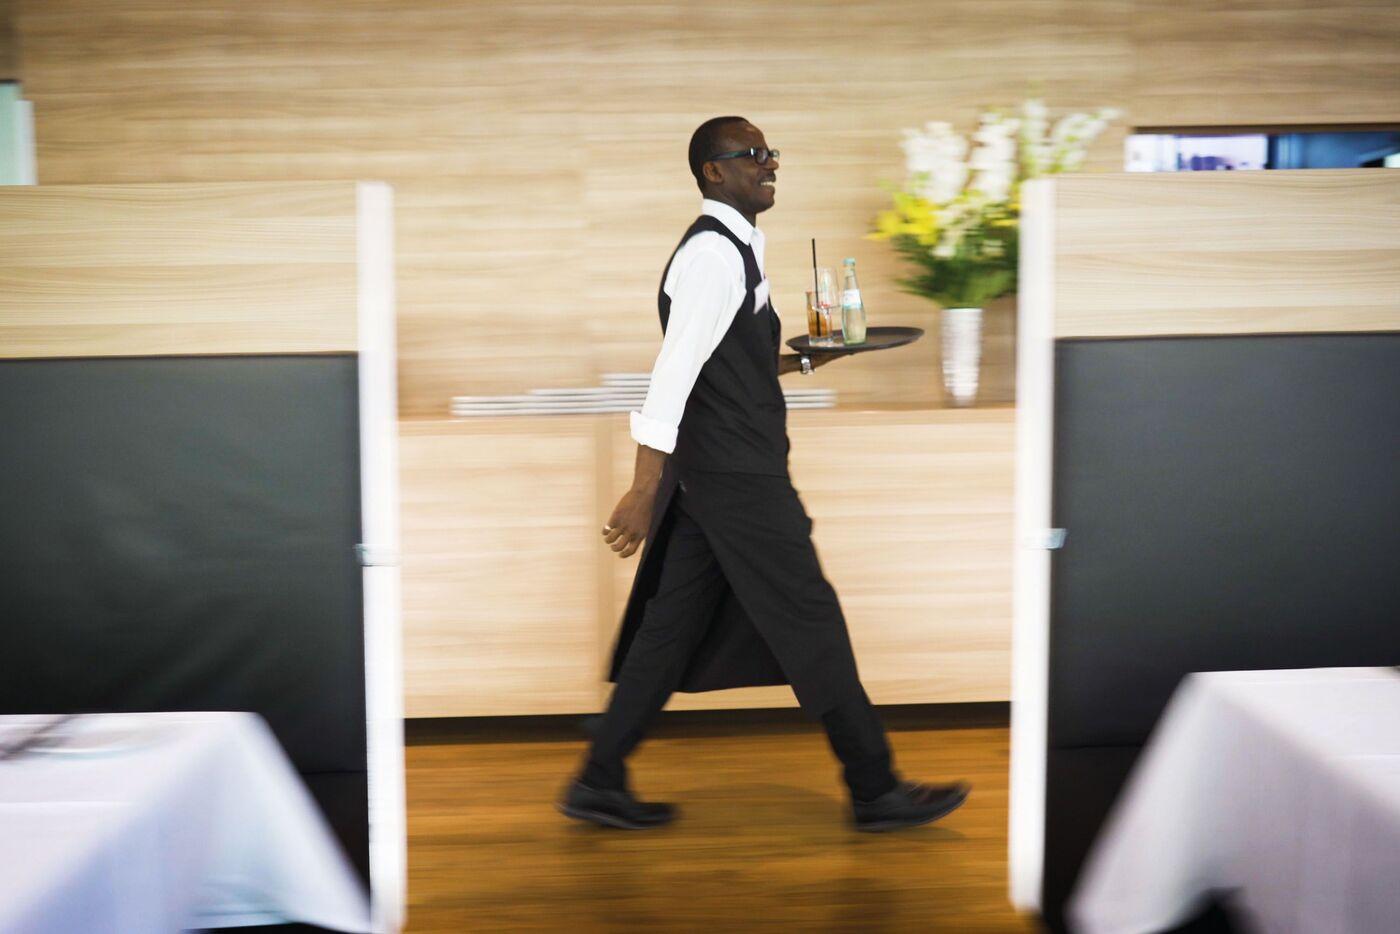 Servicekraft Restaurant & Bankett(m/w/d) - Job Berlin - Jobs bei Seminaris Hotels - Application form